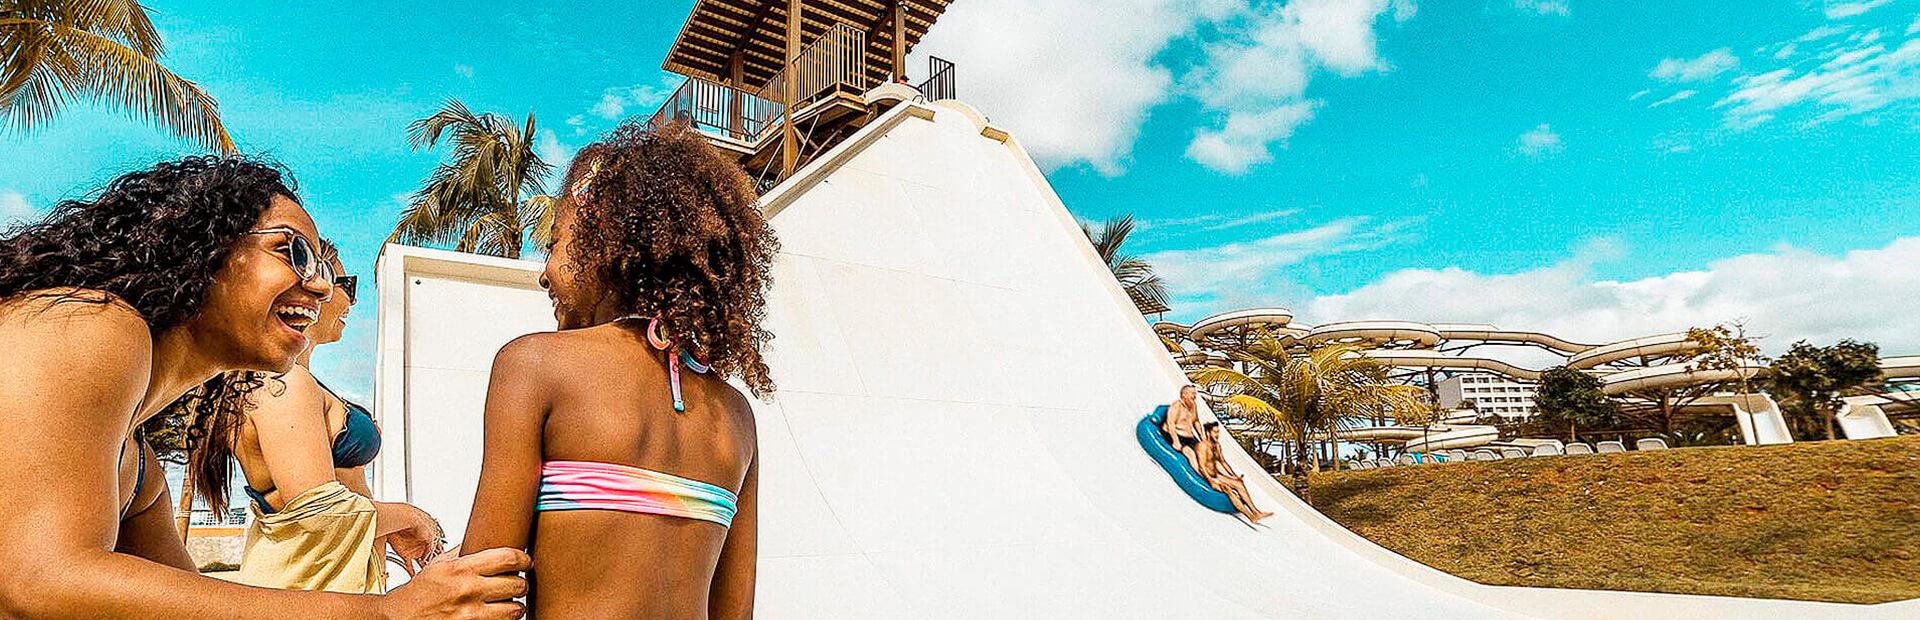 Imagem representativa: Ingresso Hot Beach   Olímpia SP   COMPRE AGORA